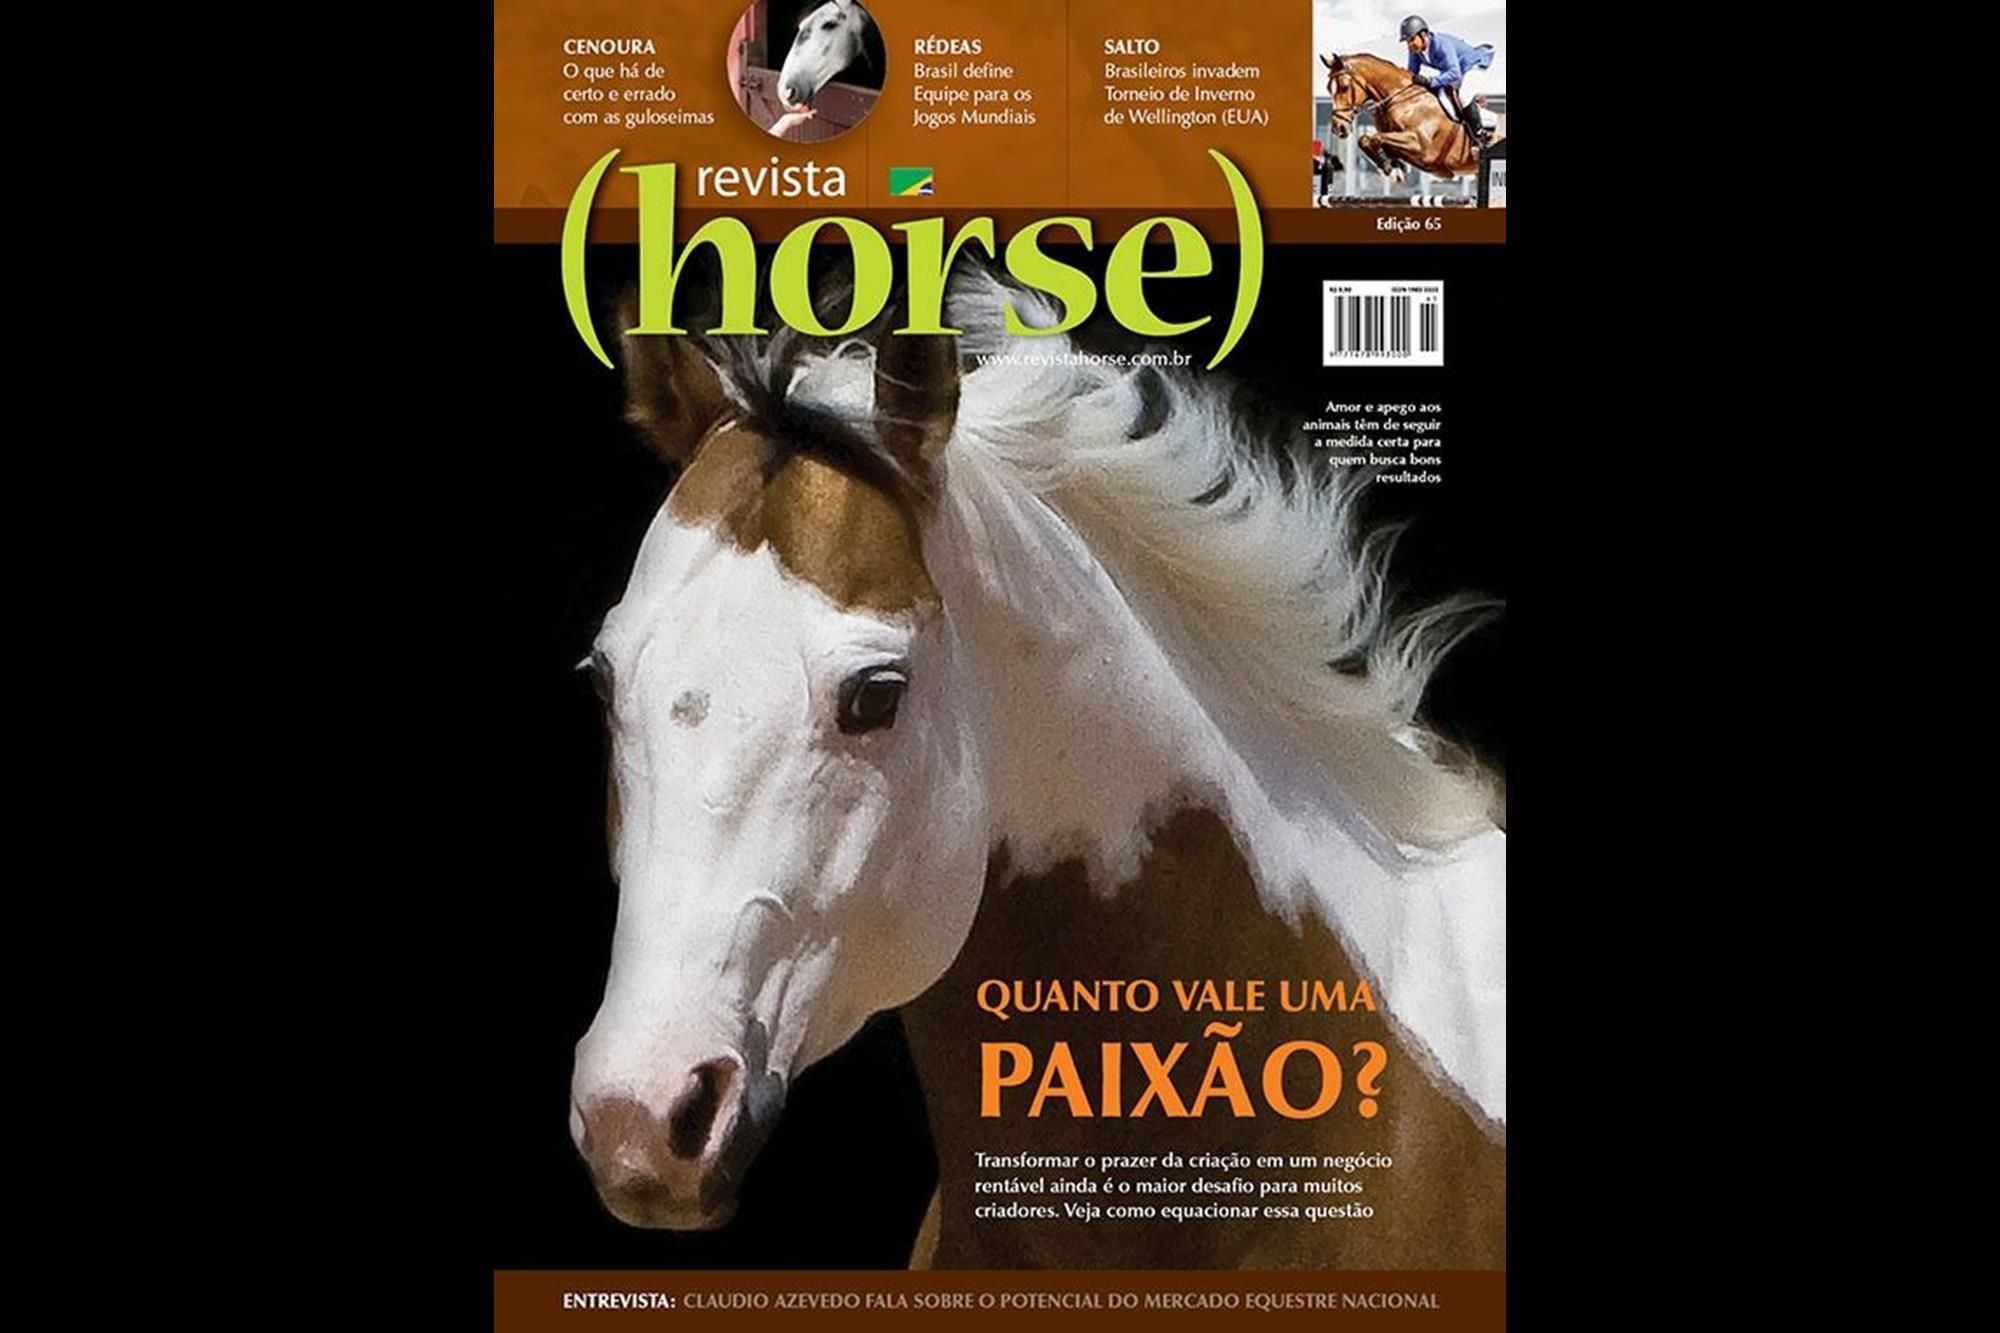 Edição 65 - Campeão categoria Afins, Capa Revista Horse, Neide Weingrill, Eleja a capa mais bonita